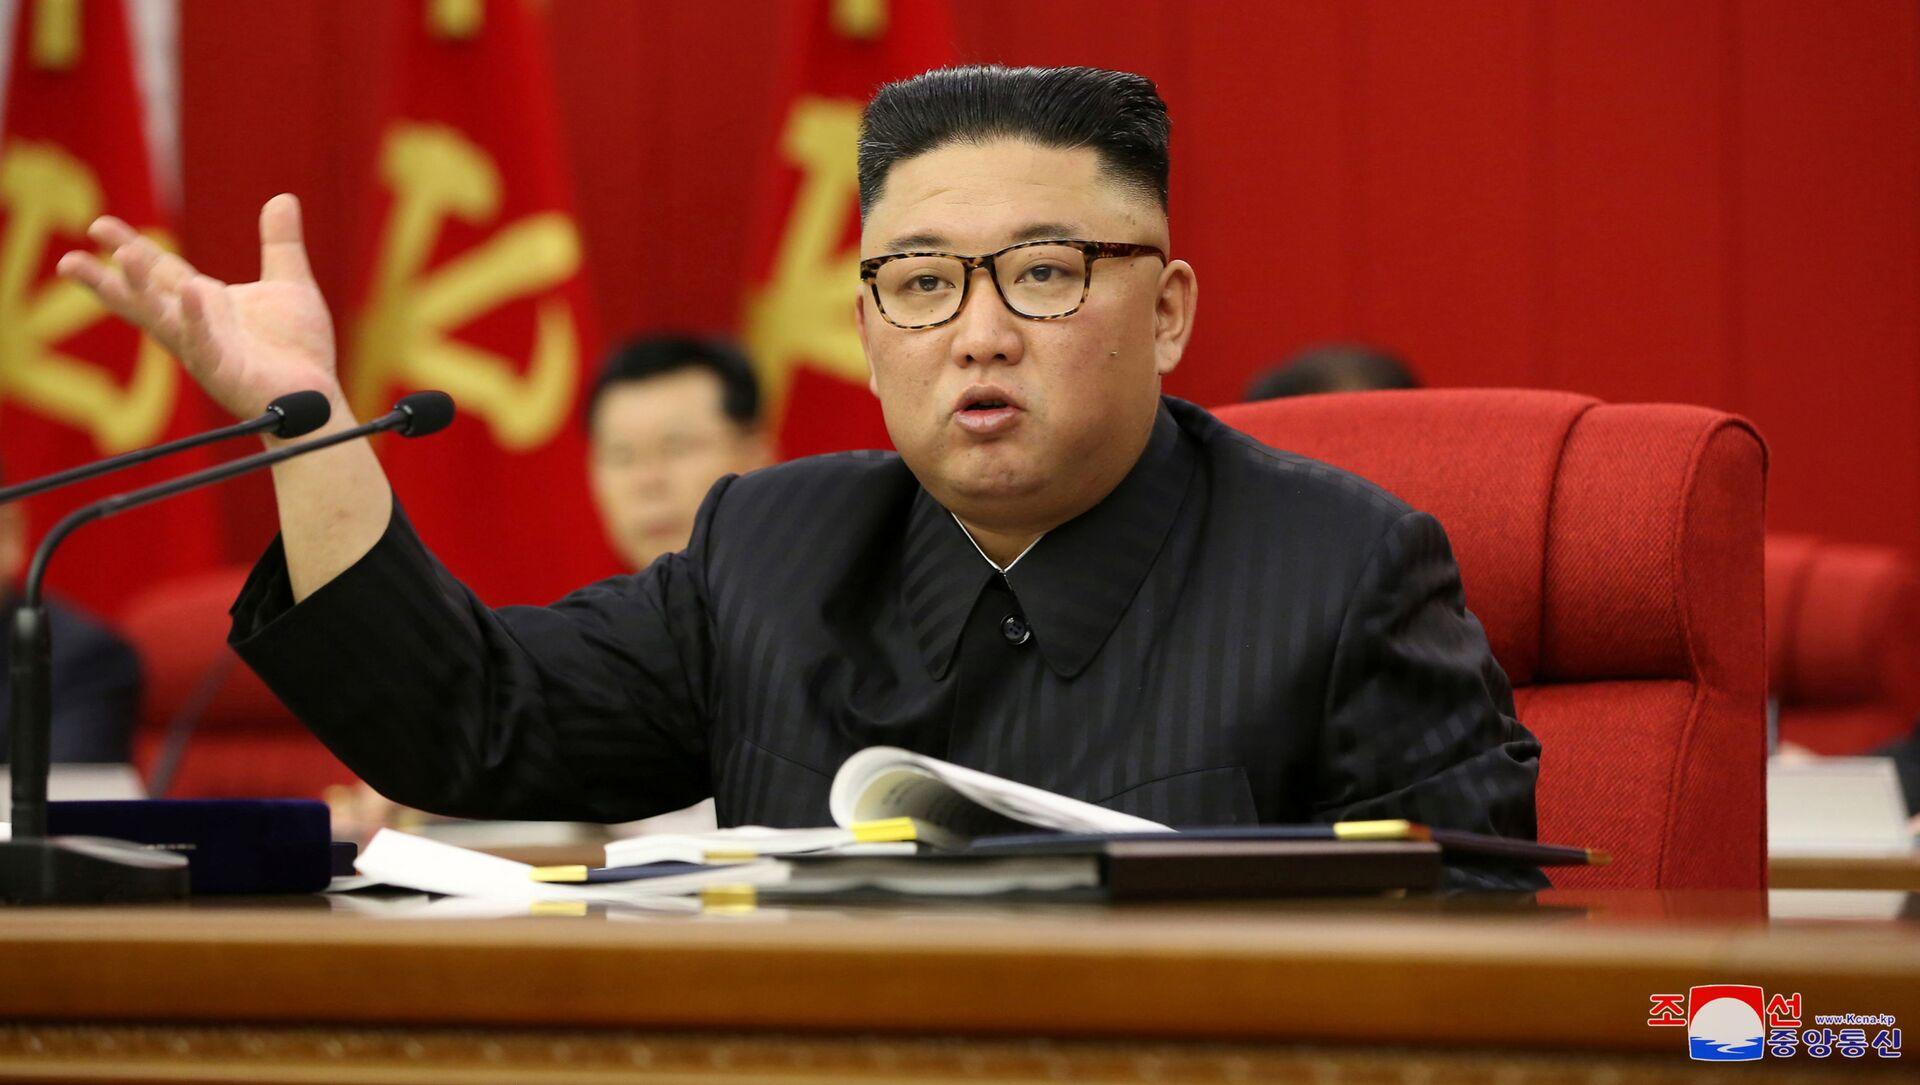 Người đứng đầu CHDCND Triều Tiên Kim Jong-un khai mạc Hội nghị toàn thể lần thứ 3 Ban Chấp hành Trung ương Đảng Công nhân Triều Tiên lần thứ 8 - Sputnik Việt Nam, 1920, 01.10.2021